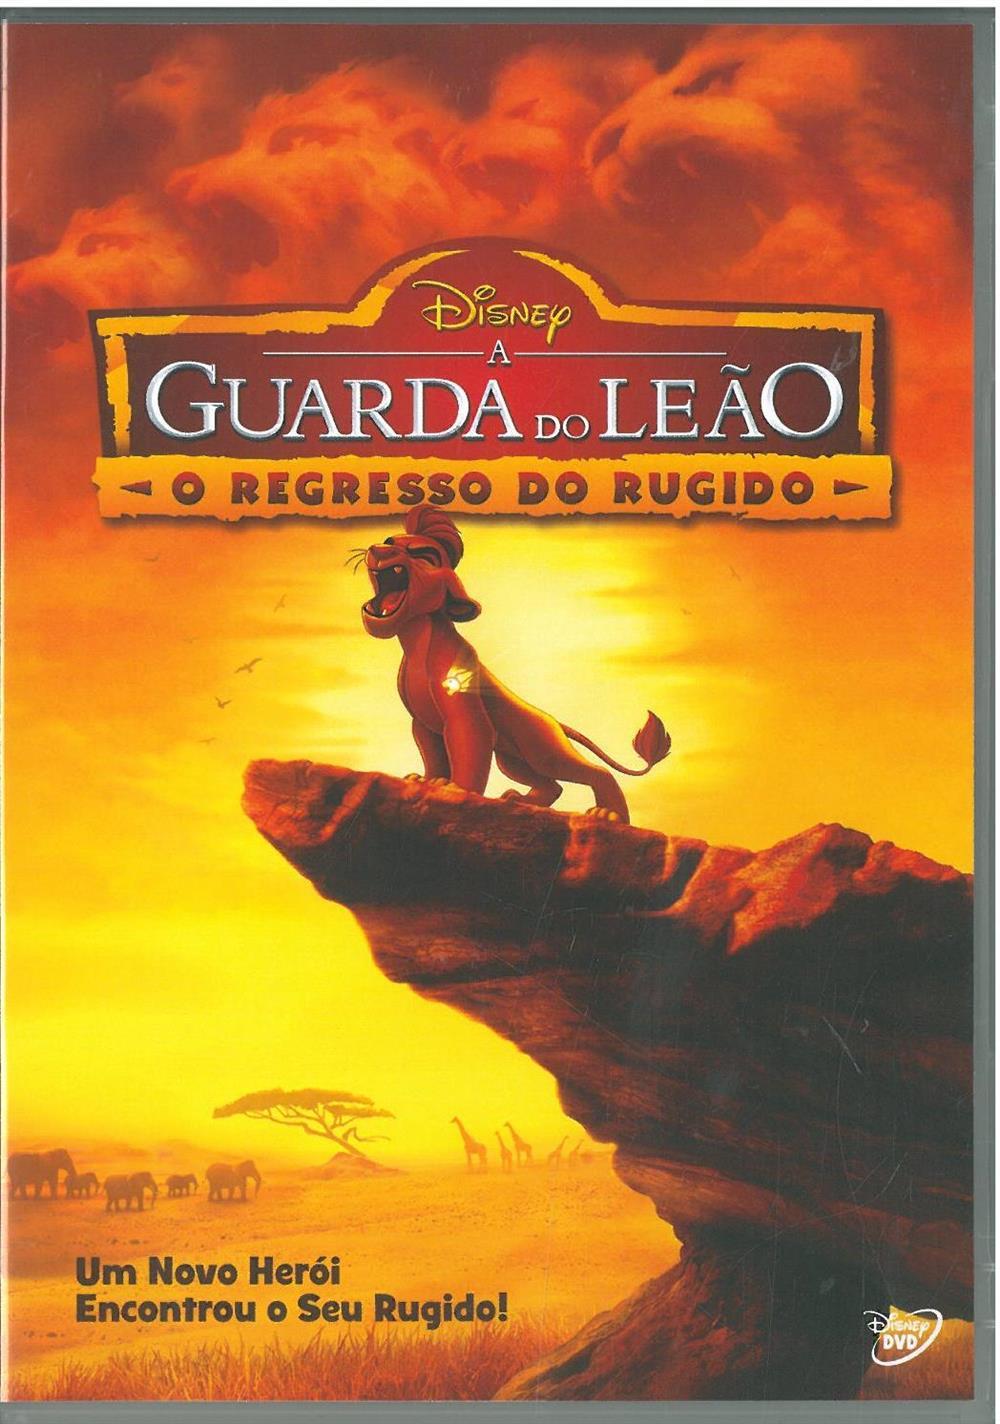 A guarda do leão_o regresso do rugido_DVD.jpg